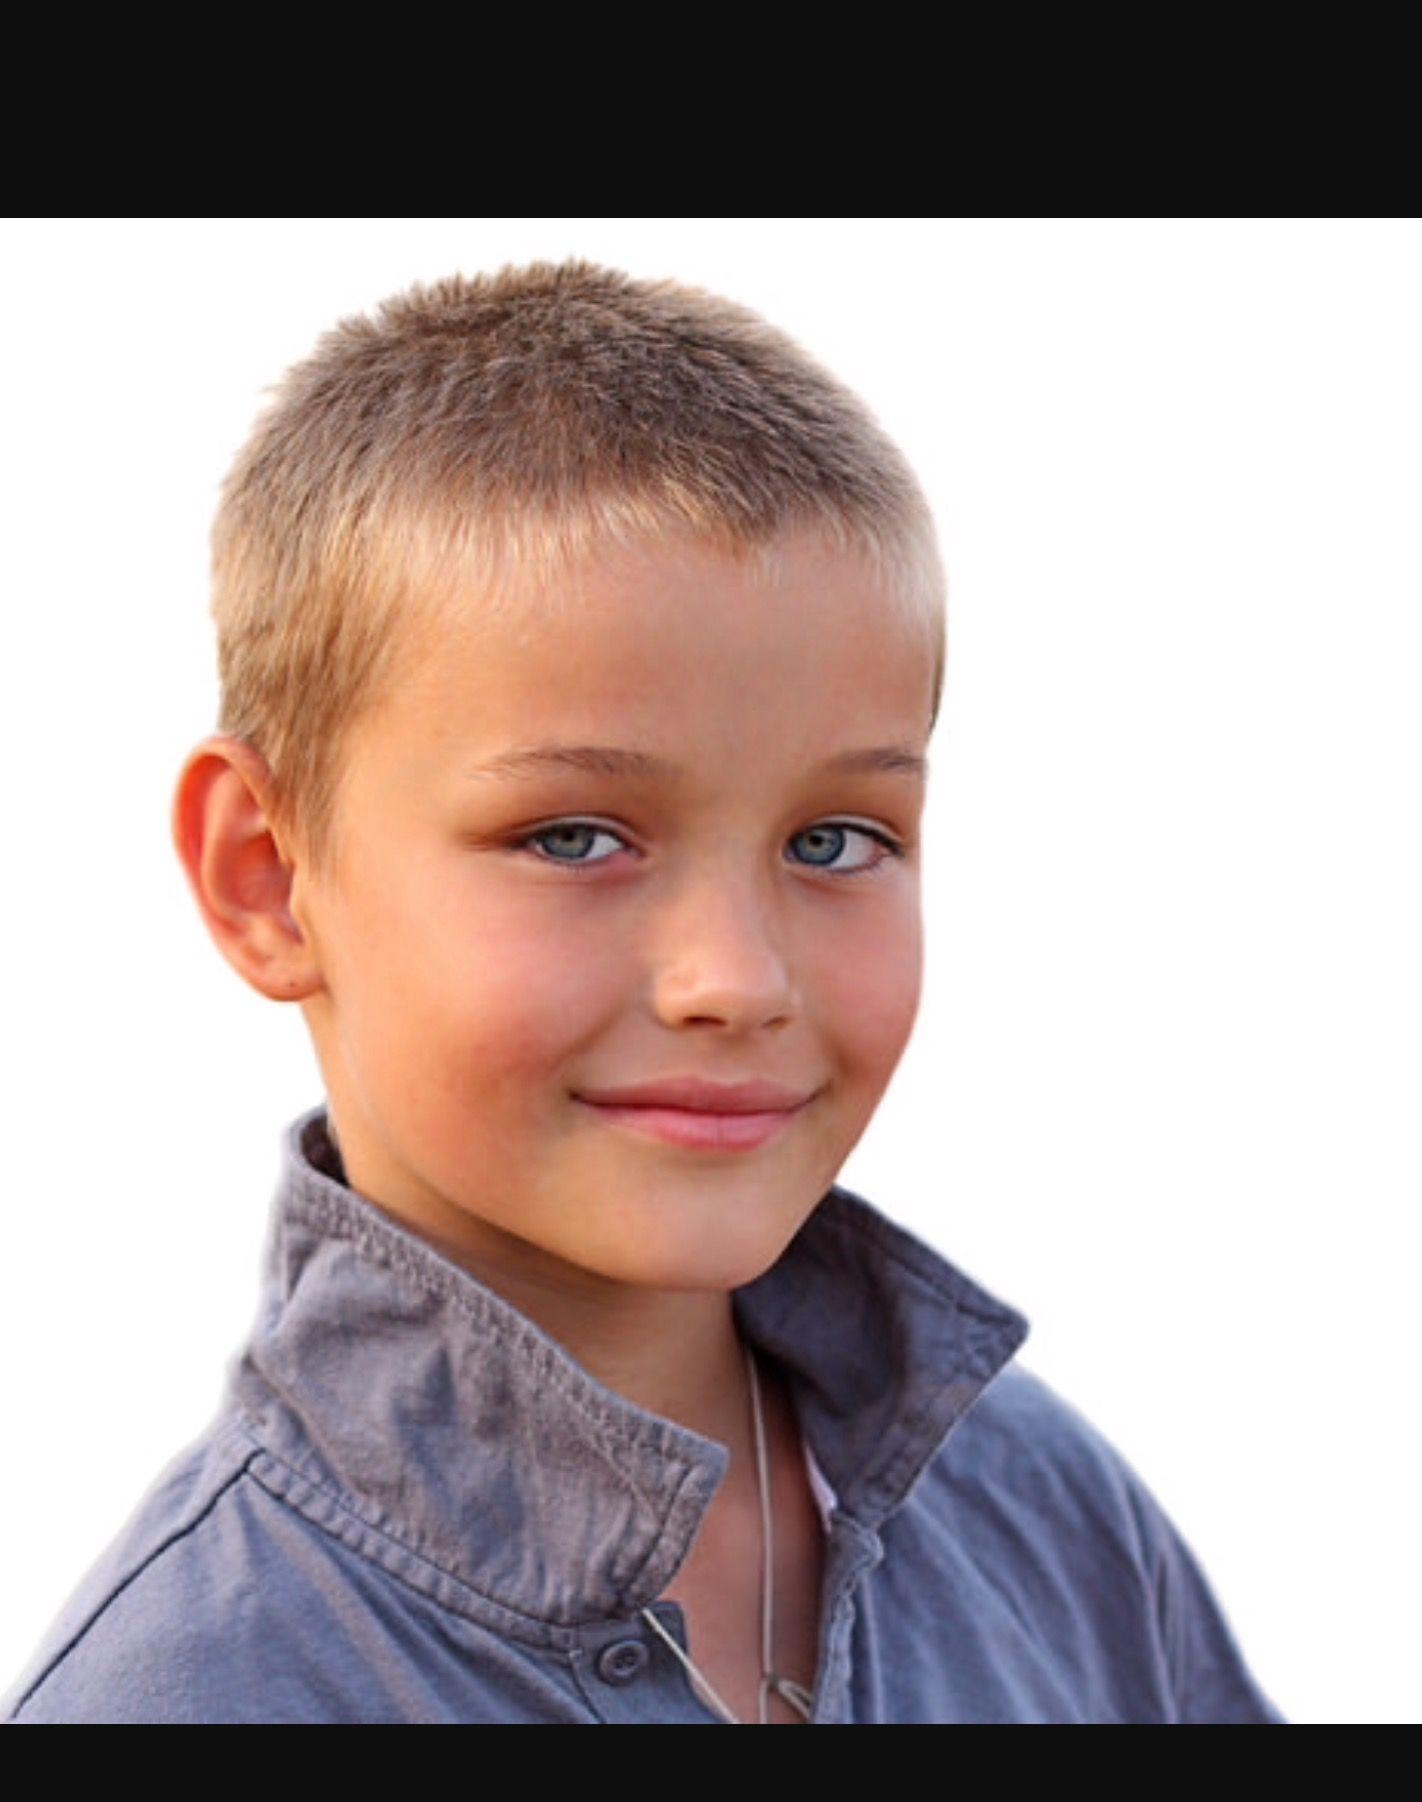 Прически для детей с короткими волосами для мальчиков